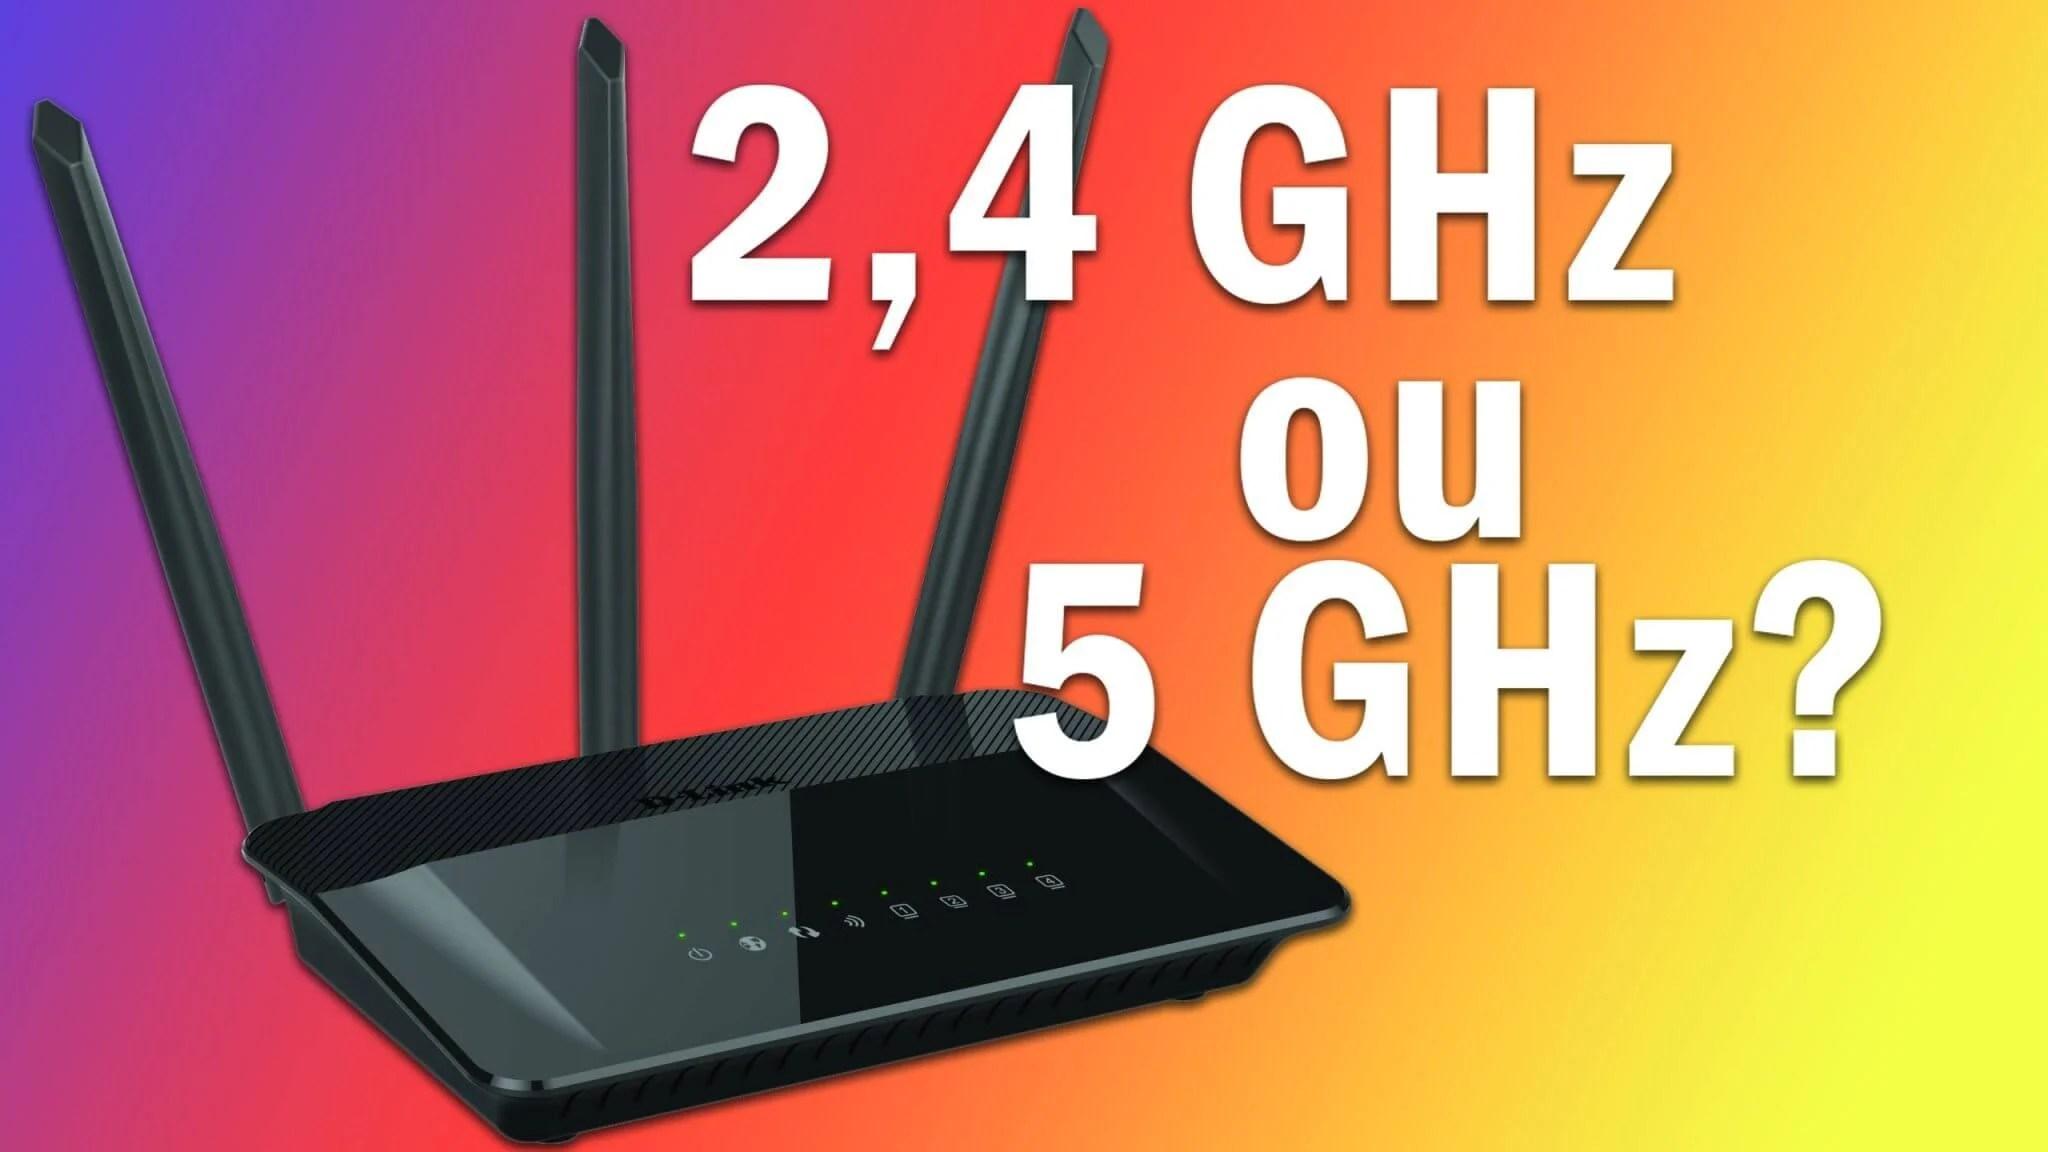 2.4Ghz ou 5Ghz roteadores vs 1 - ROTEADORES: entenda a diferença entre WiFi 2,4 GHz e 5 GHz